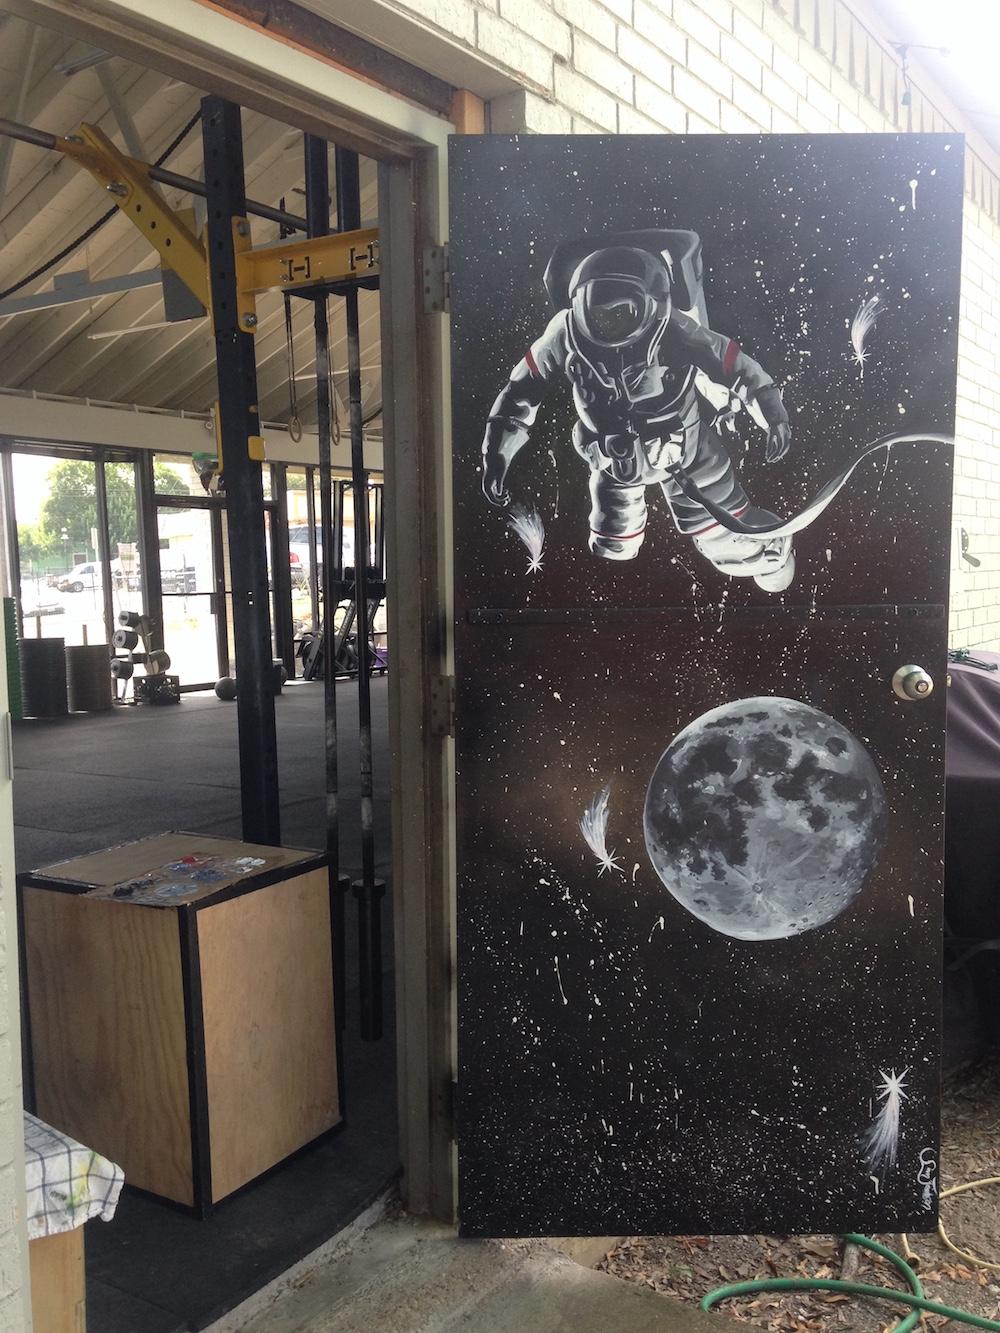 Space Man. Acrylic on Metal Fire Door. Summer 2017